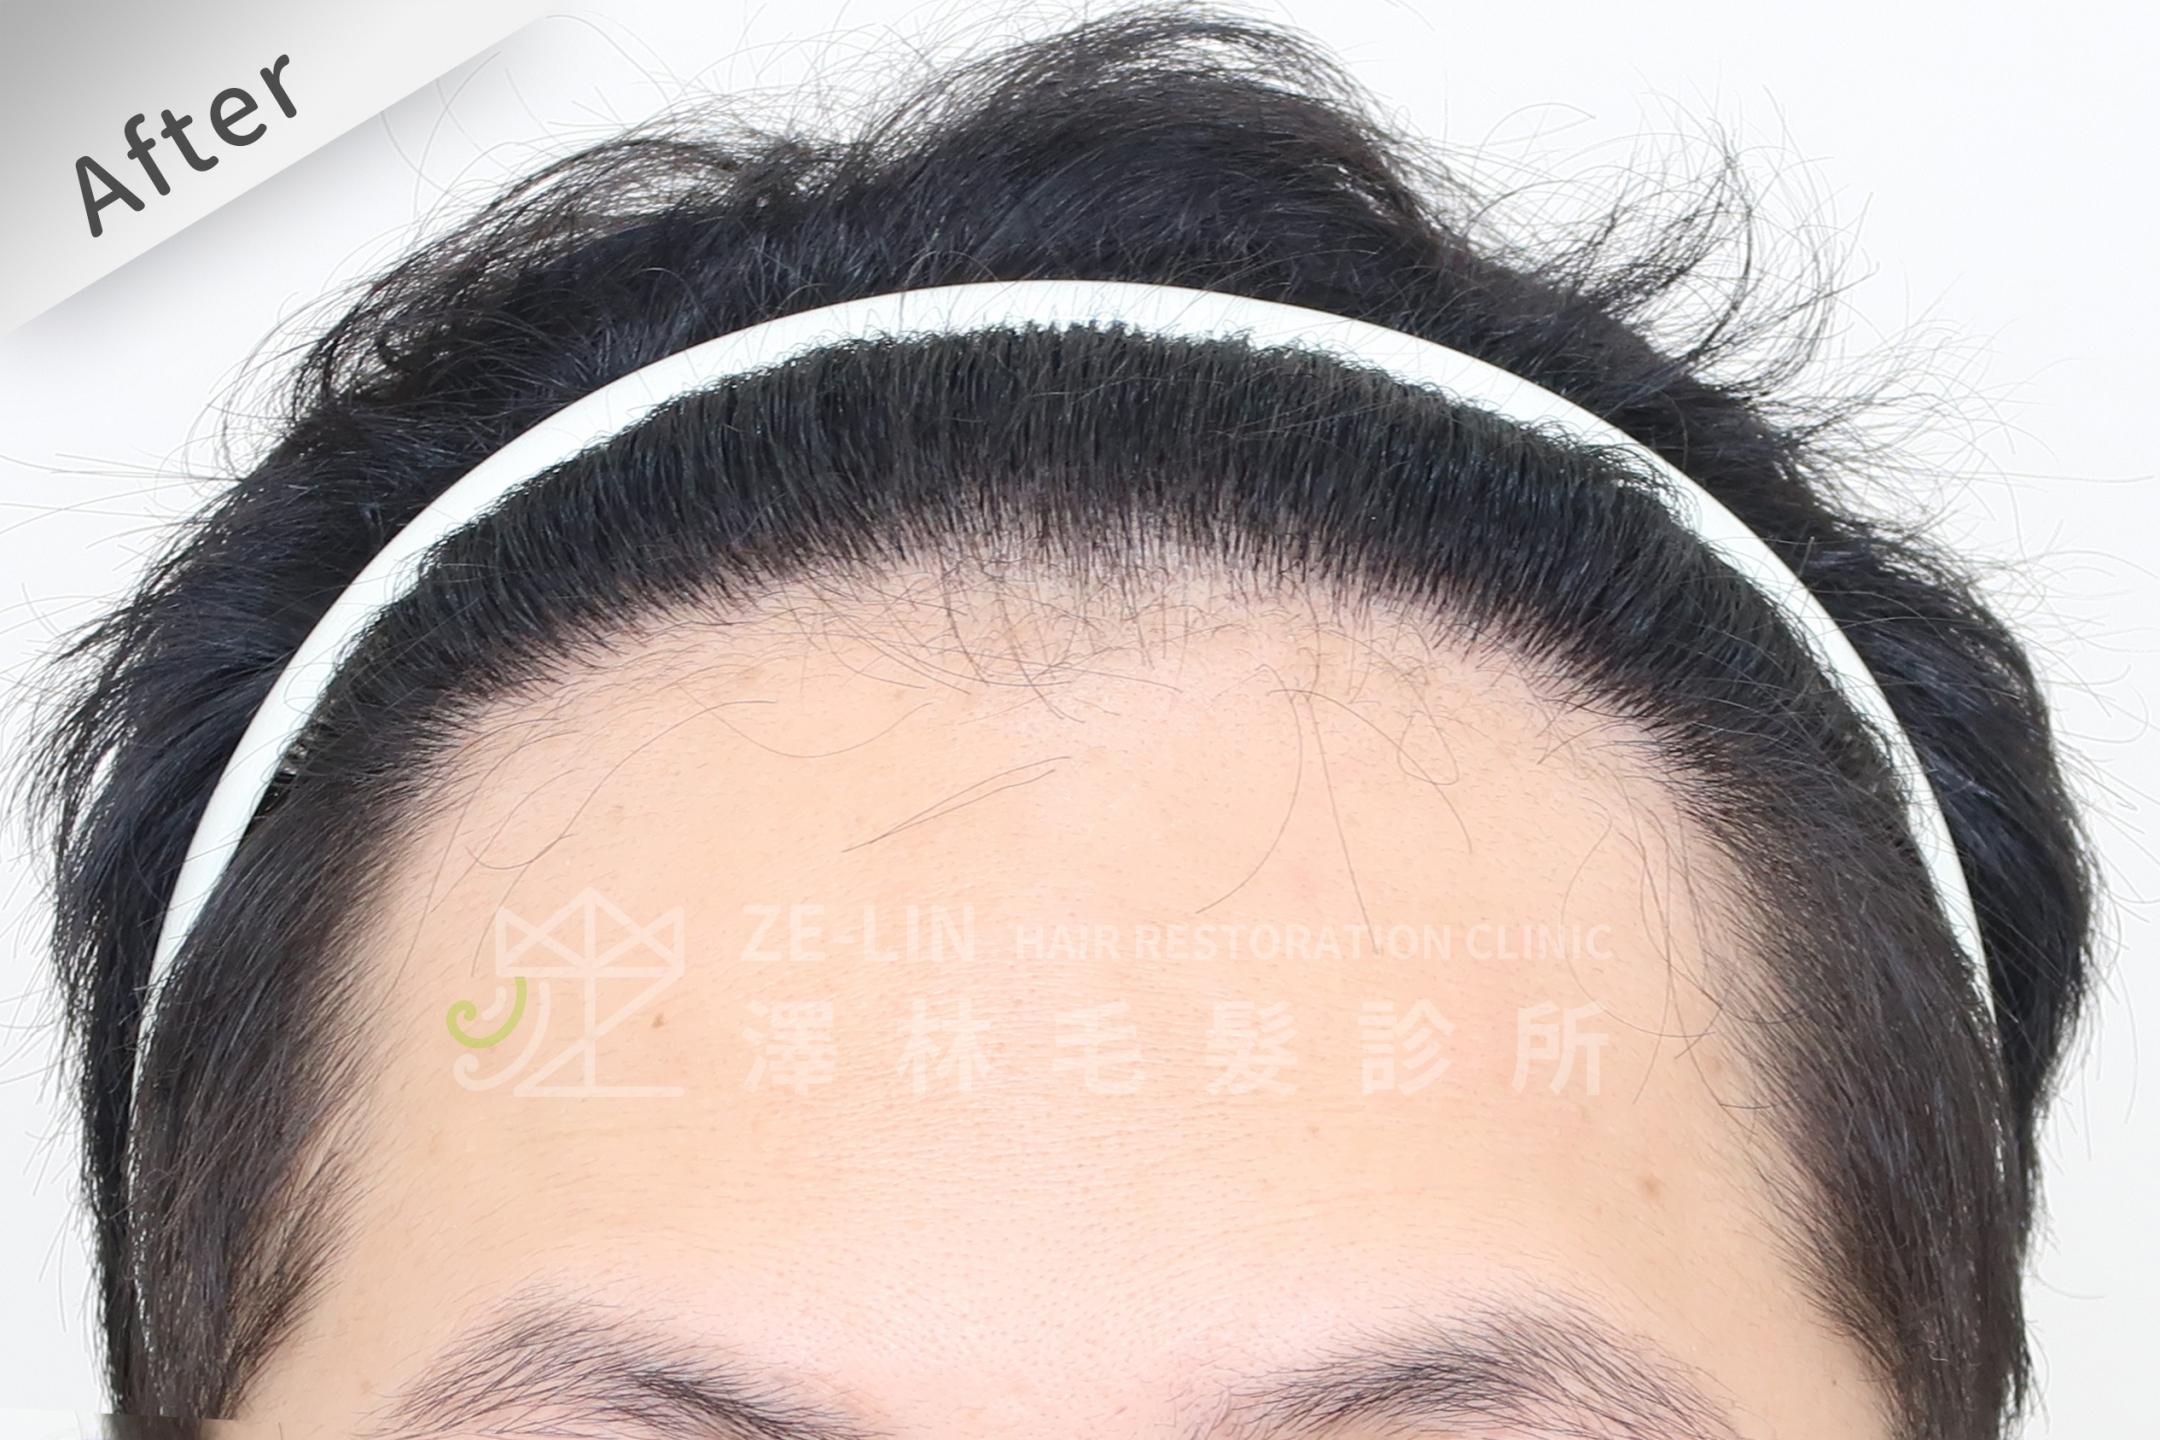 M型禿FUE植髮手術推薦案例心得分享術後